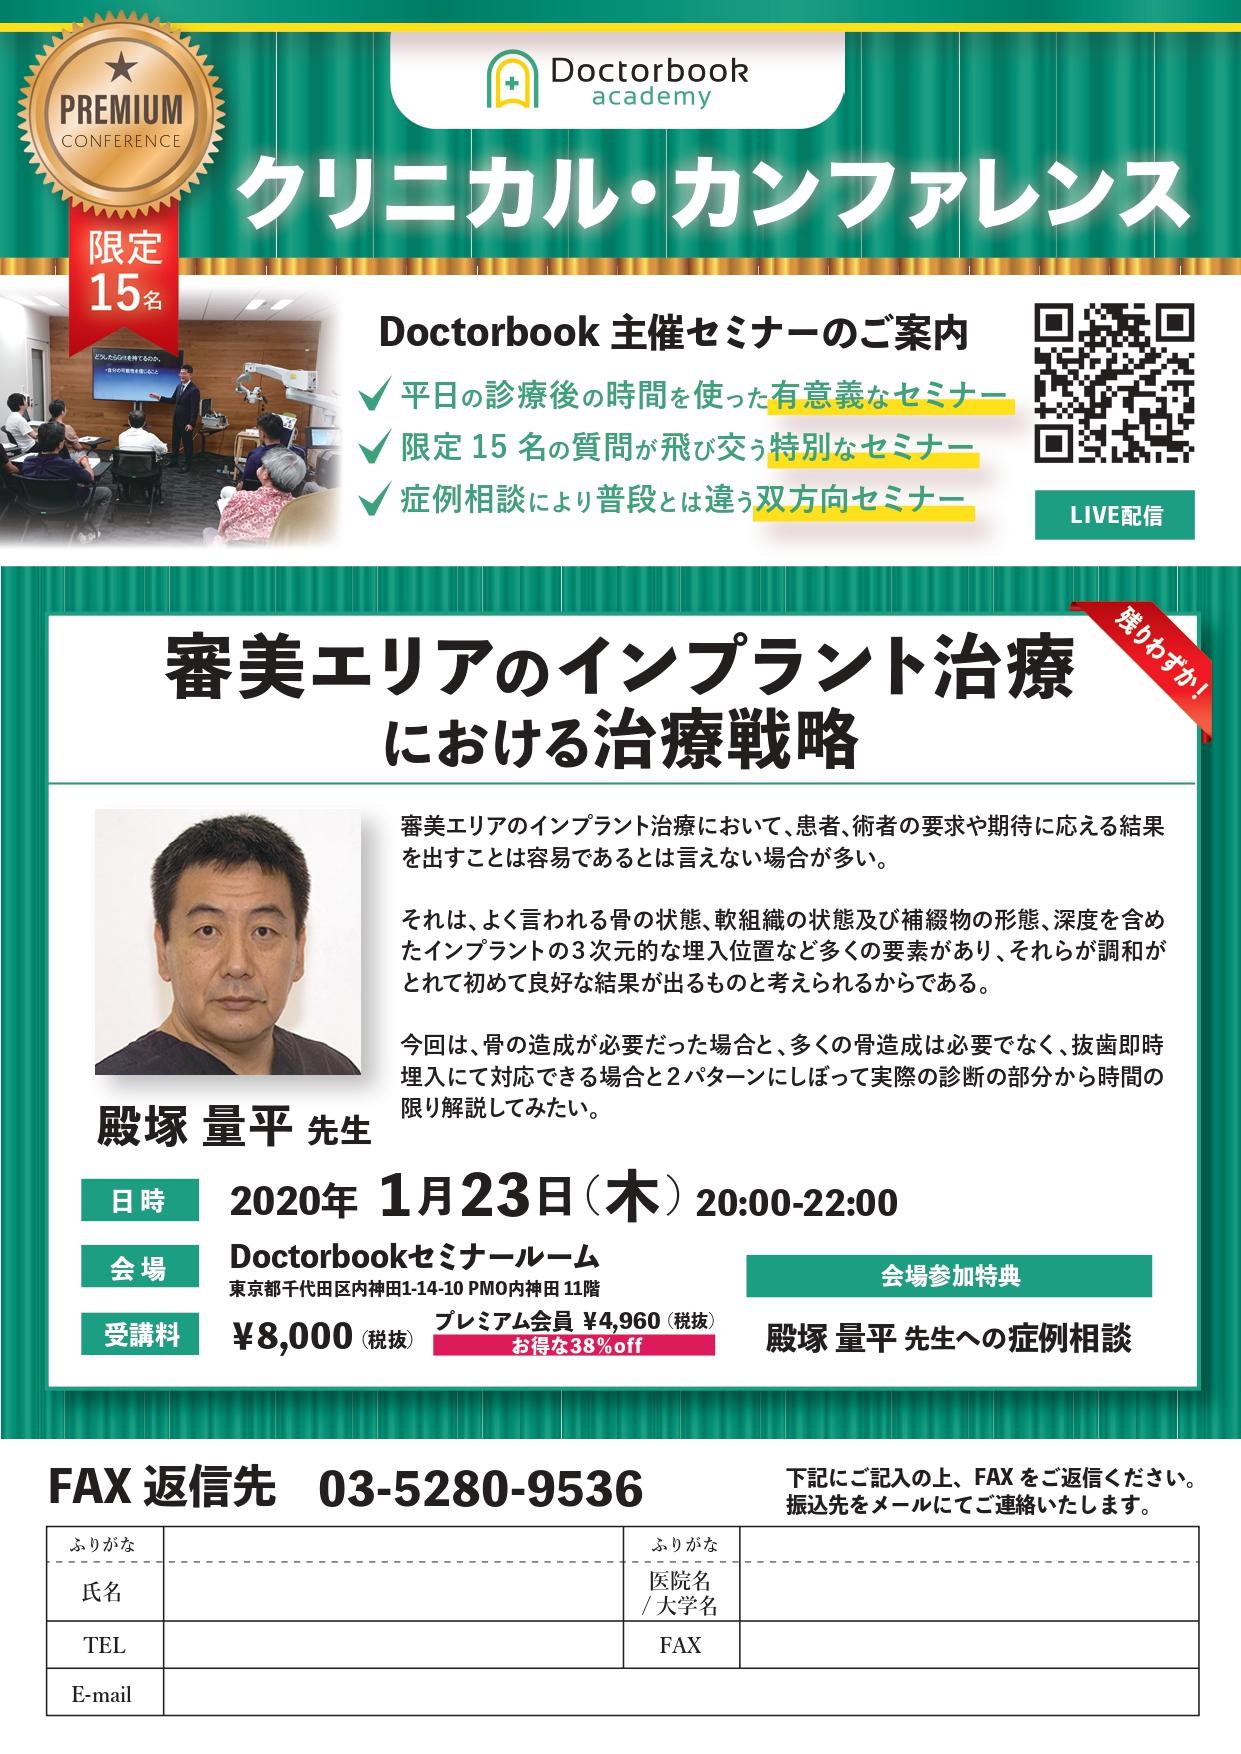 「審美エリアのインプラント治療における治療戦略」殿塚 量平 先生クリニカル・カンファレンス